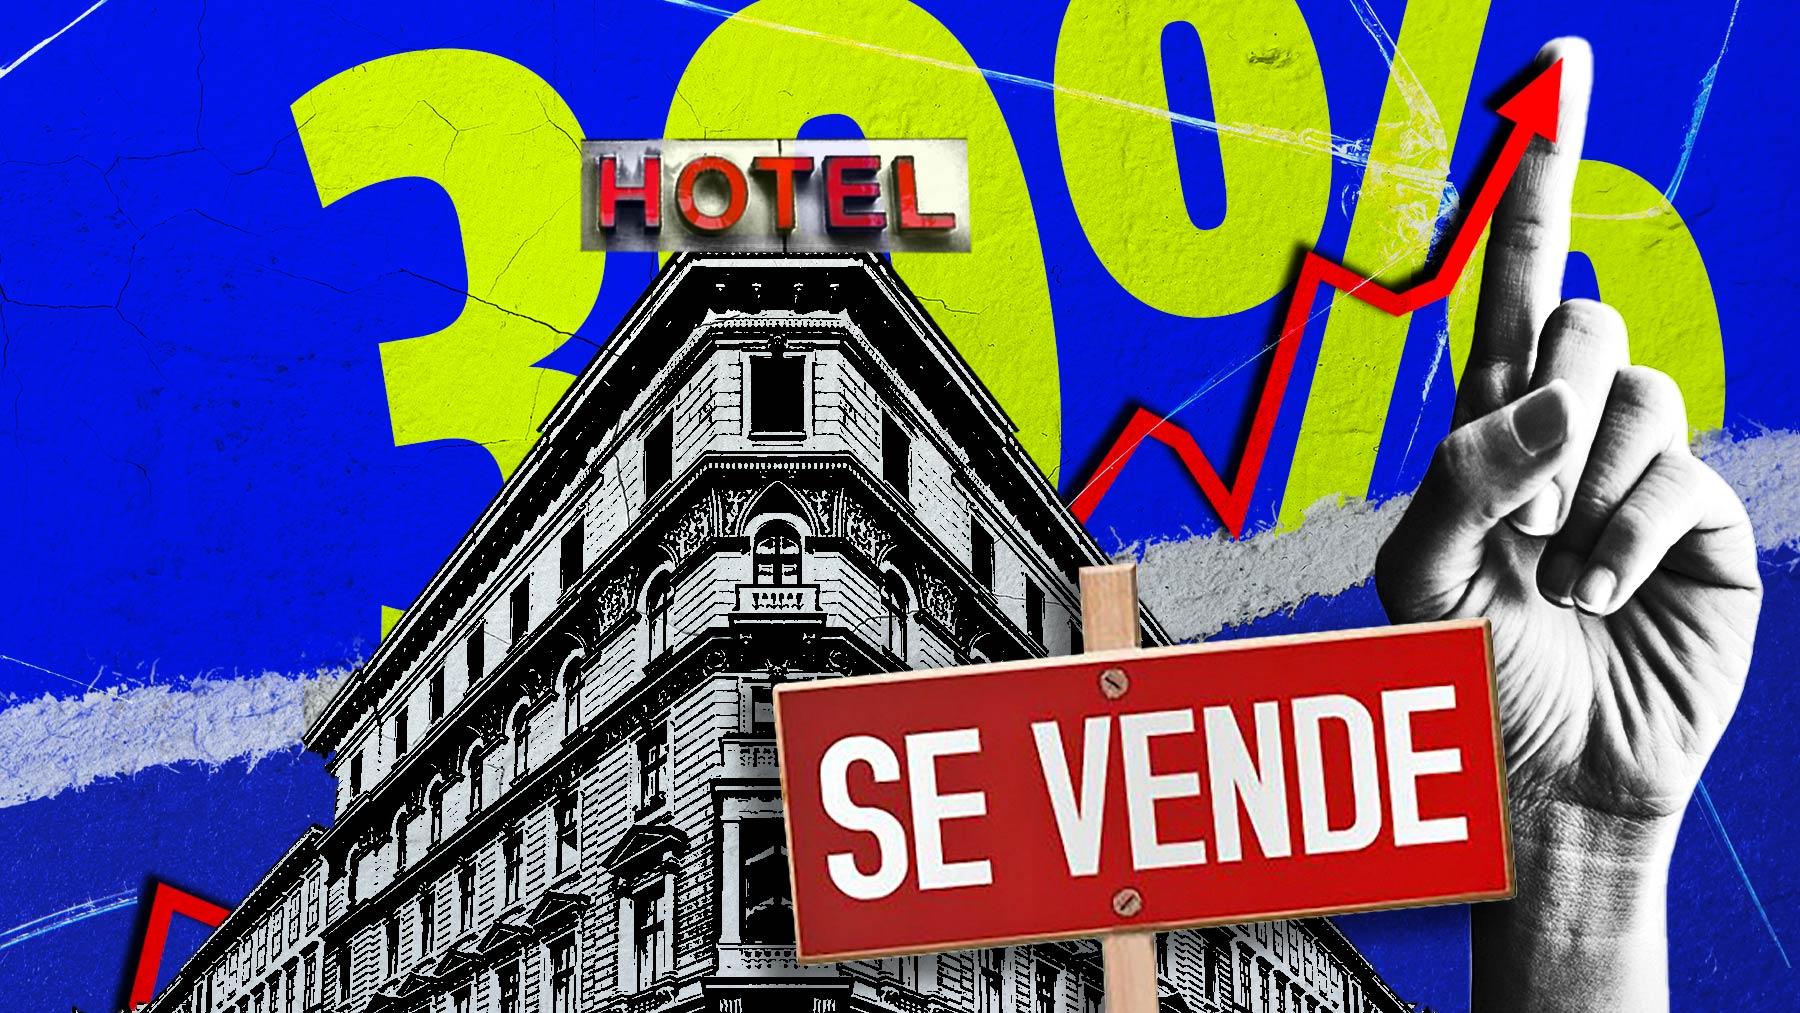 Hoteles en venta.